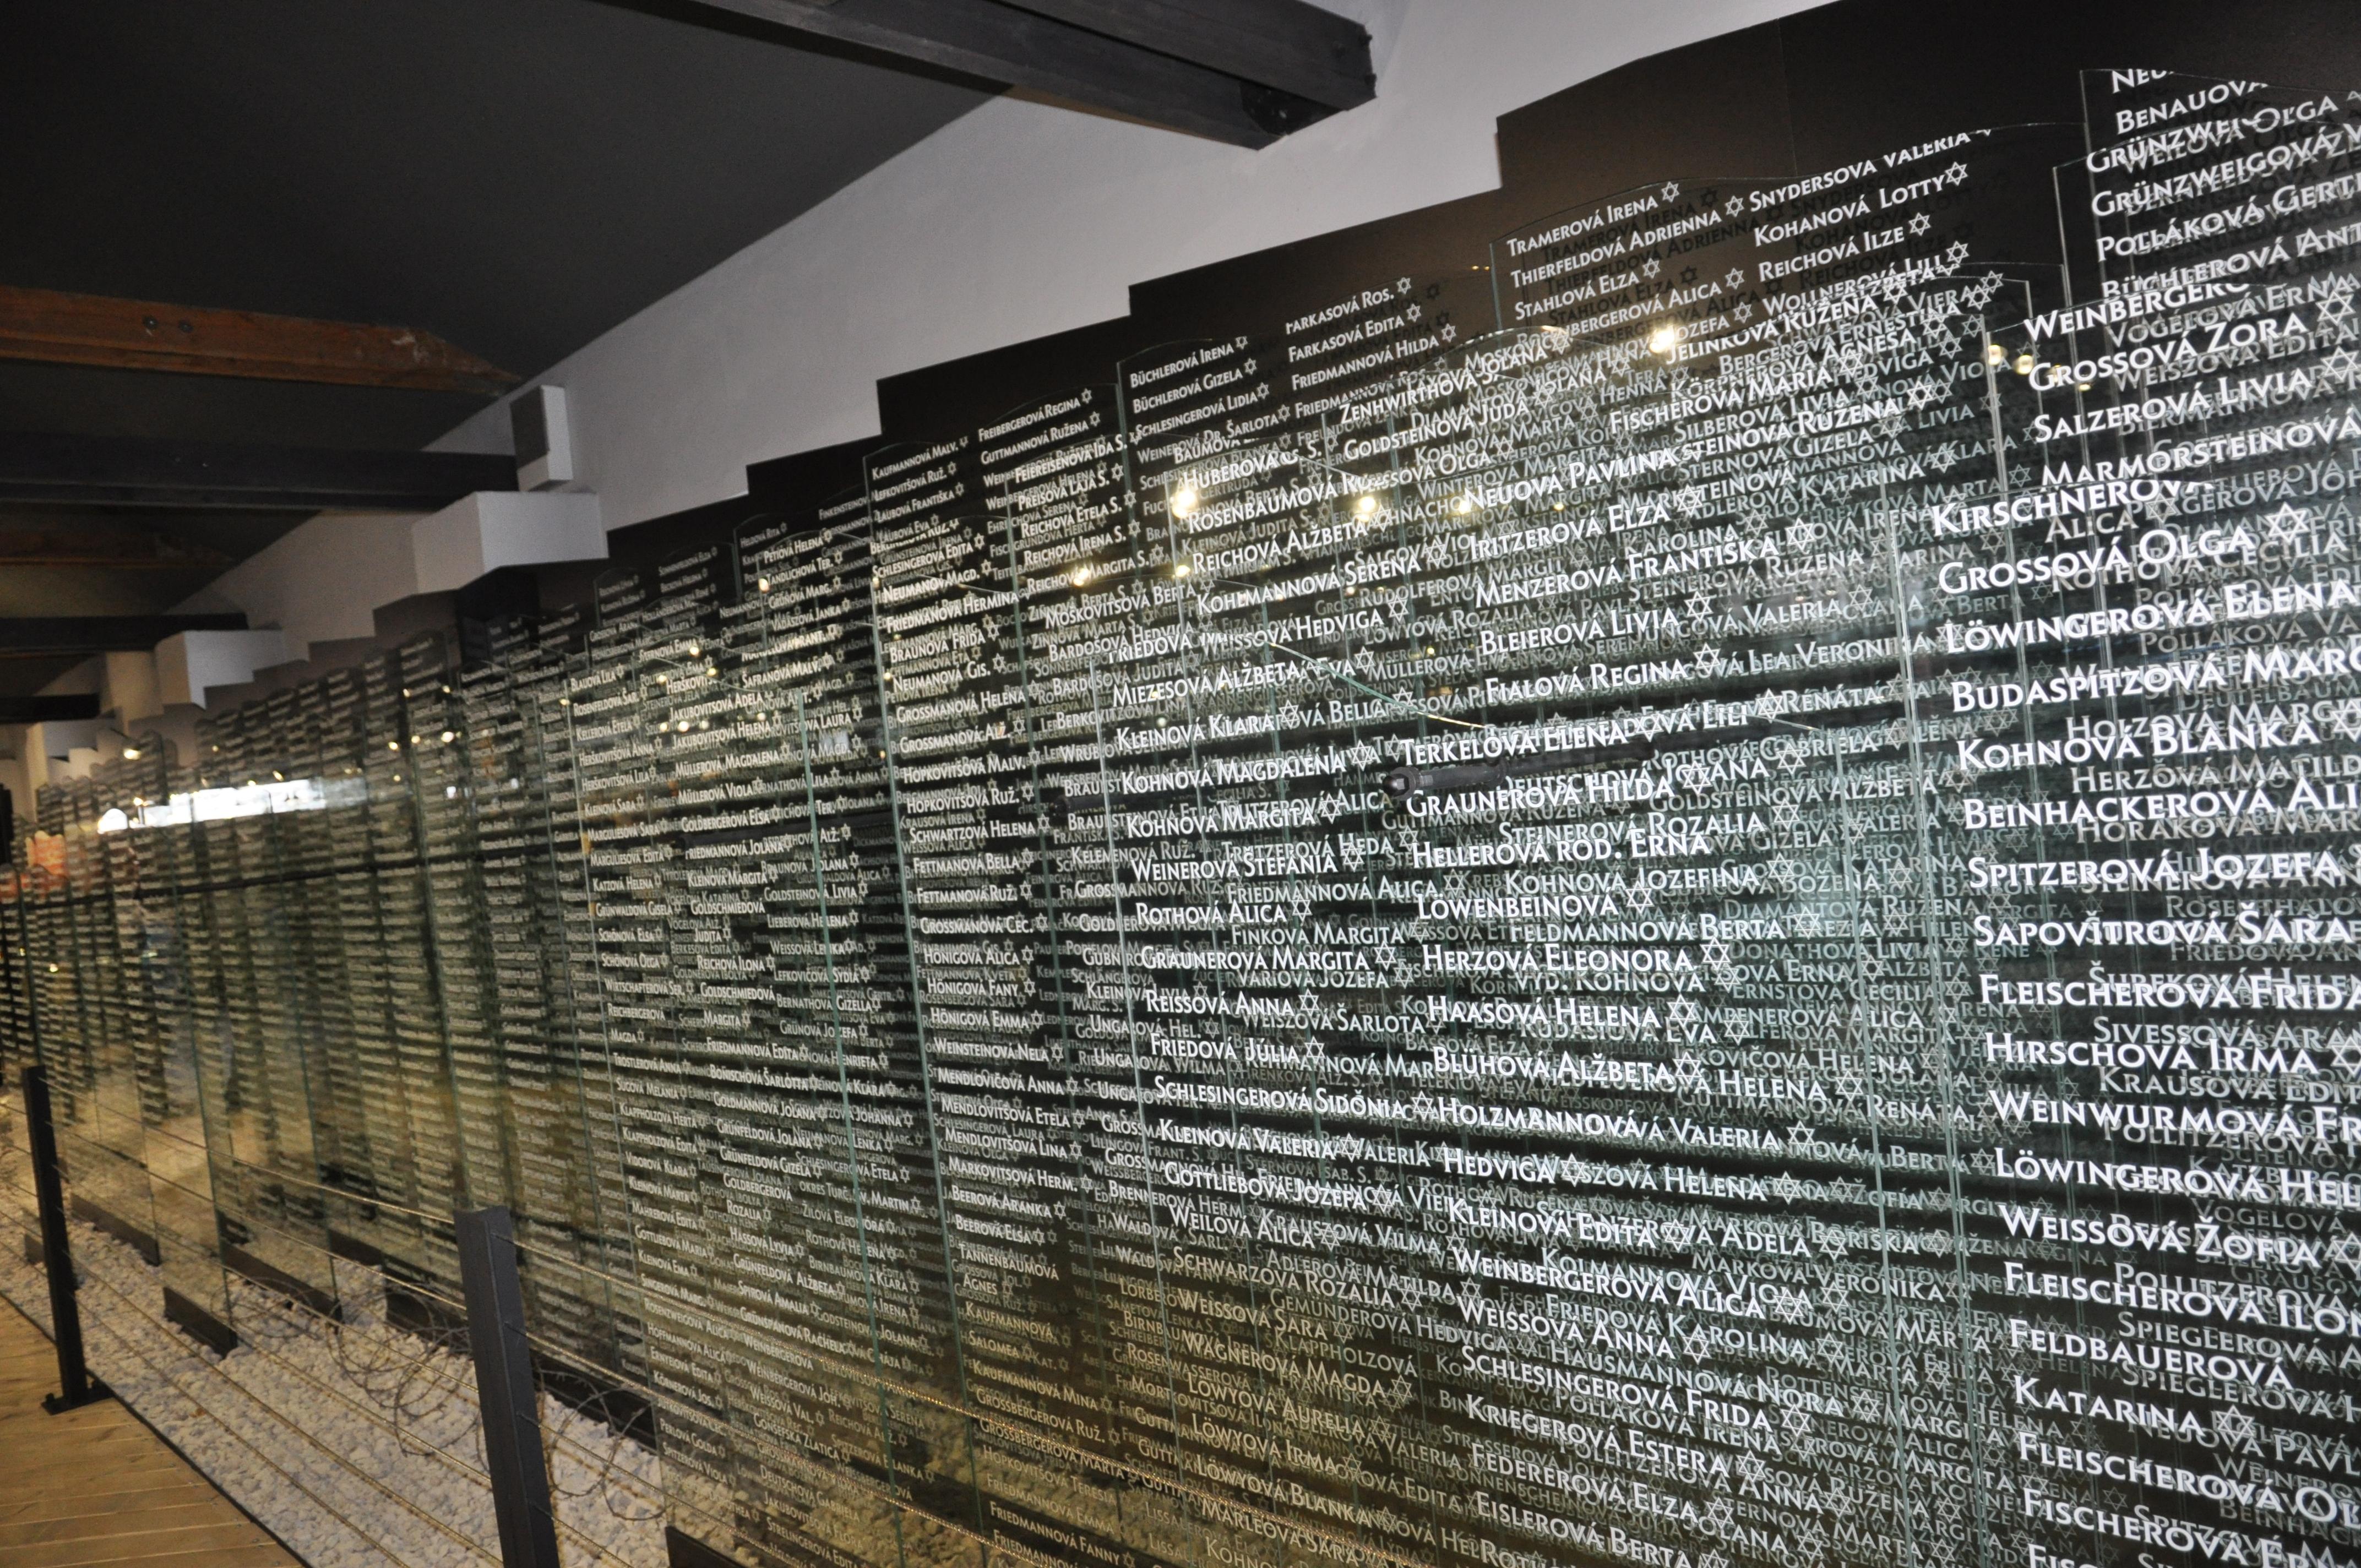 mená nevinných, ktorí zomreli alebo boli transportovaní na toto miesto, foto SNM - Múzeum židovskej kultúry